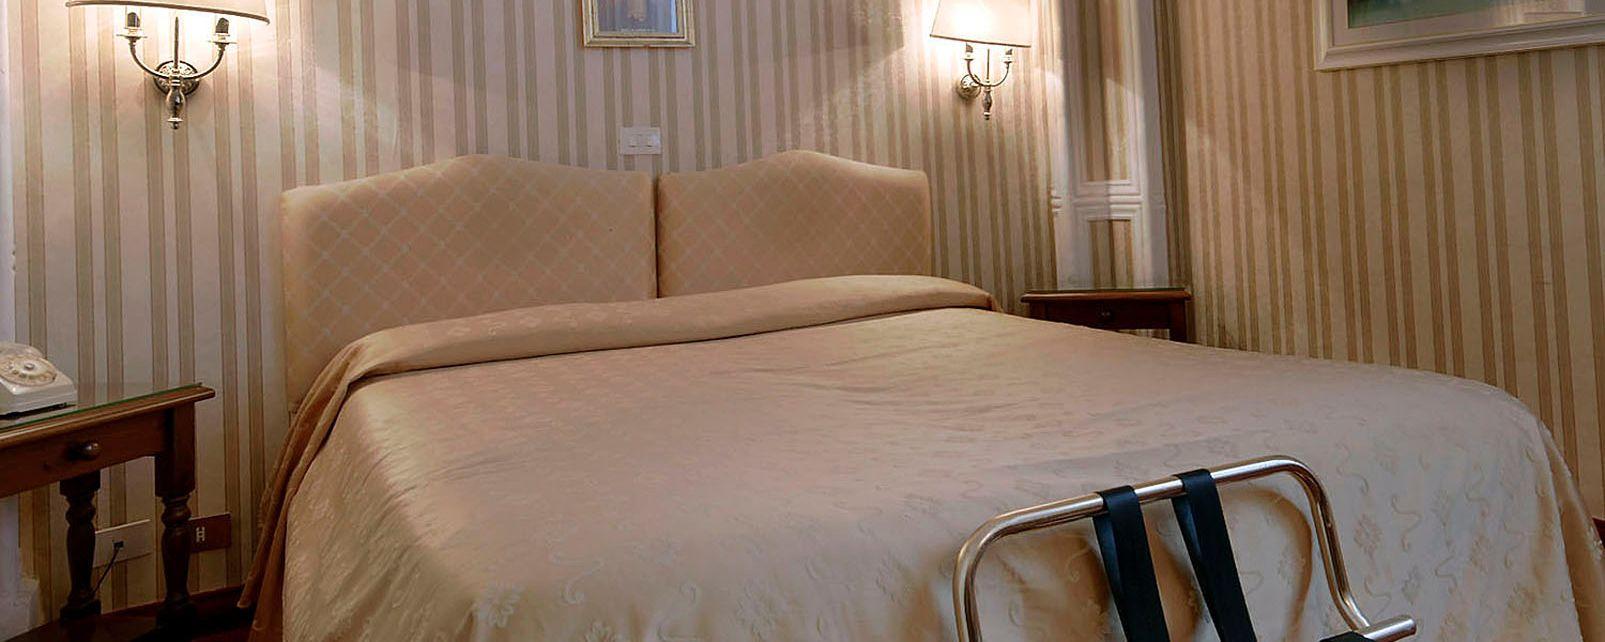 Hotel Siviglia Rome